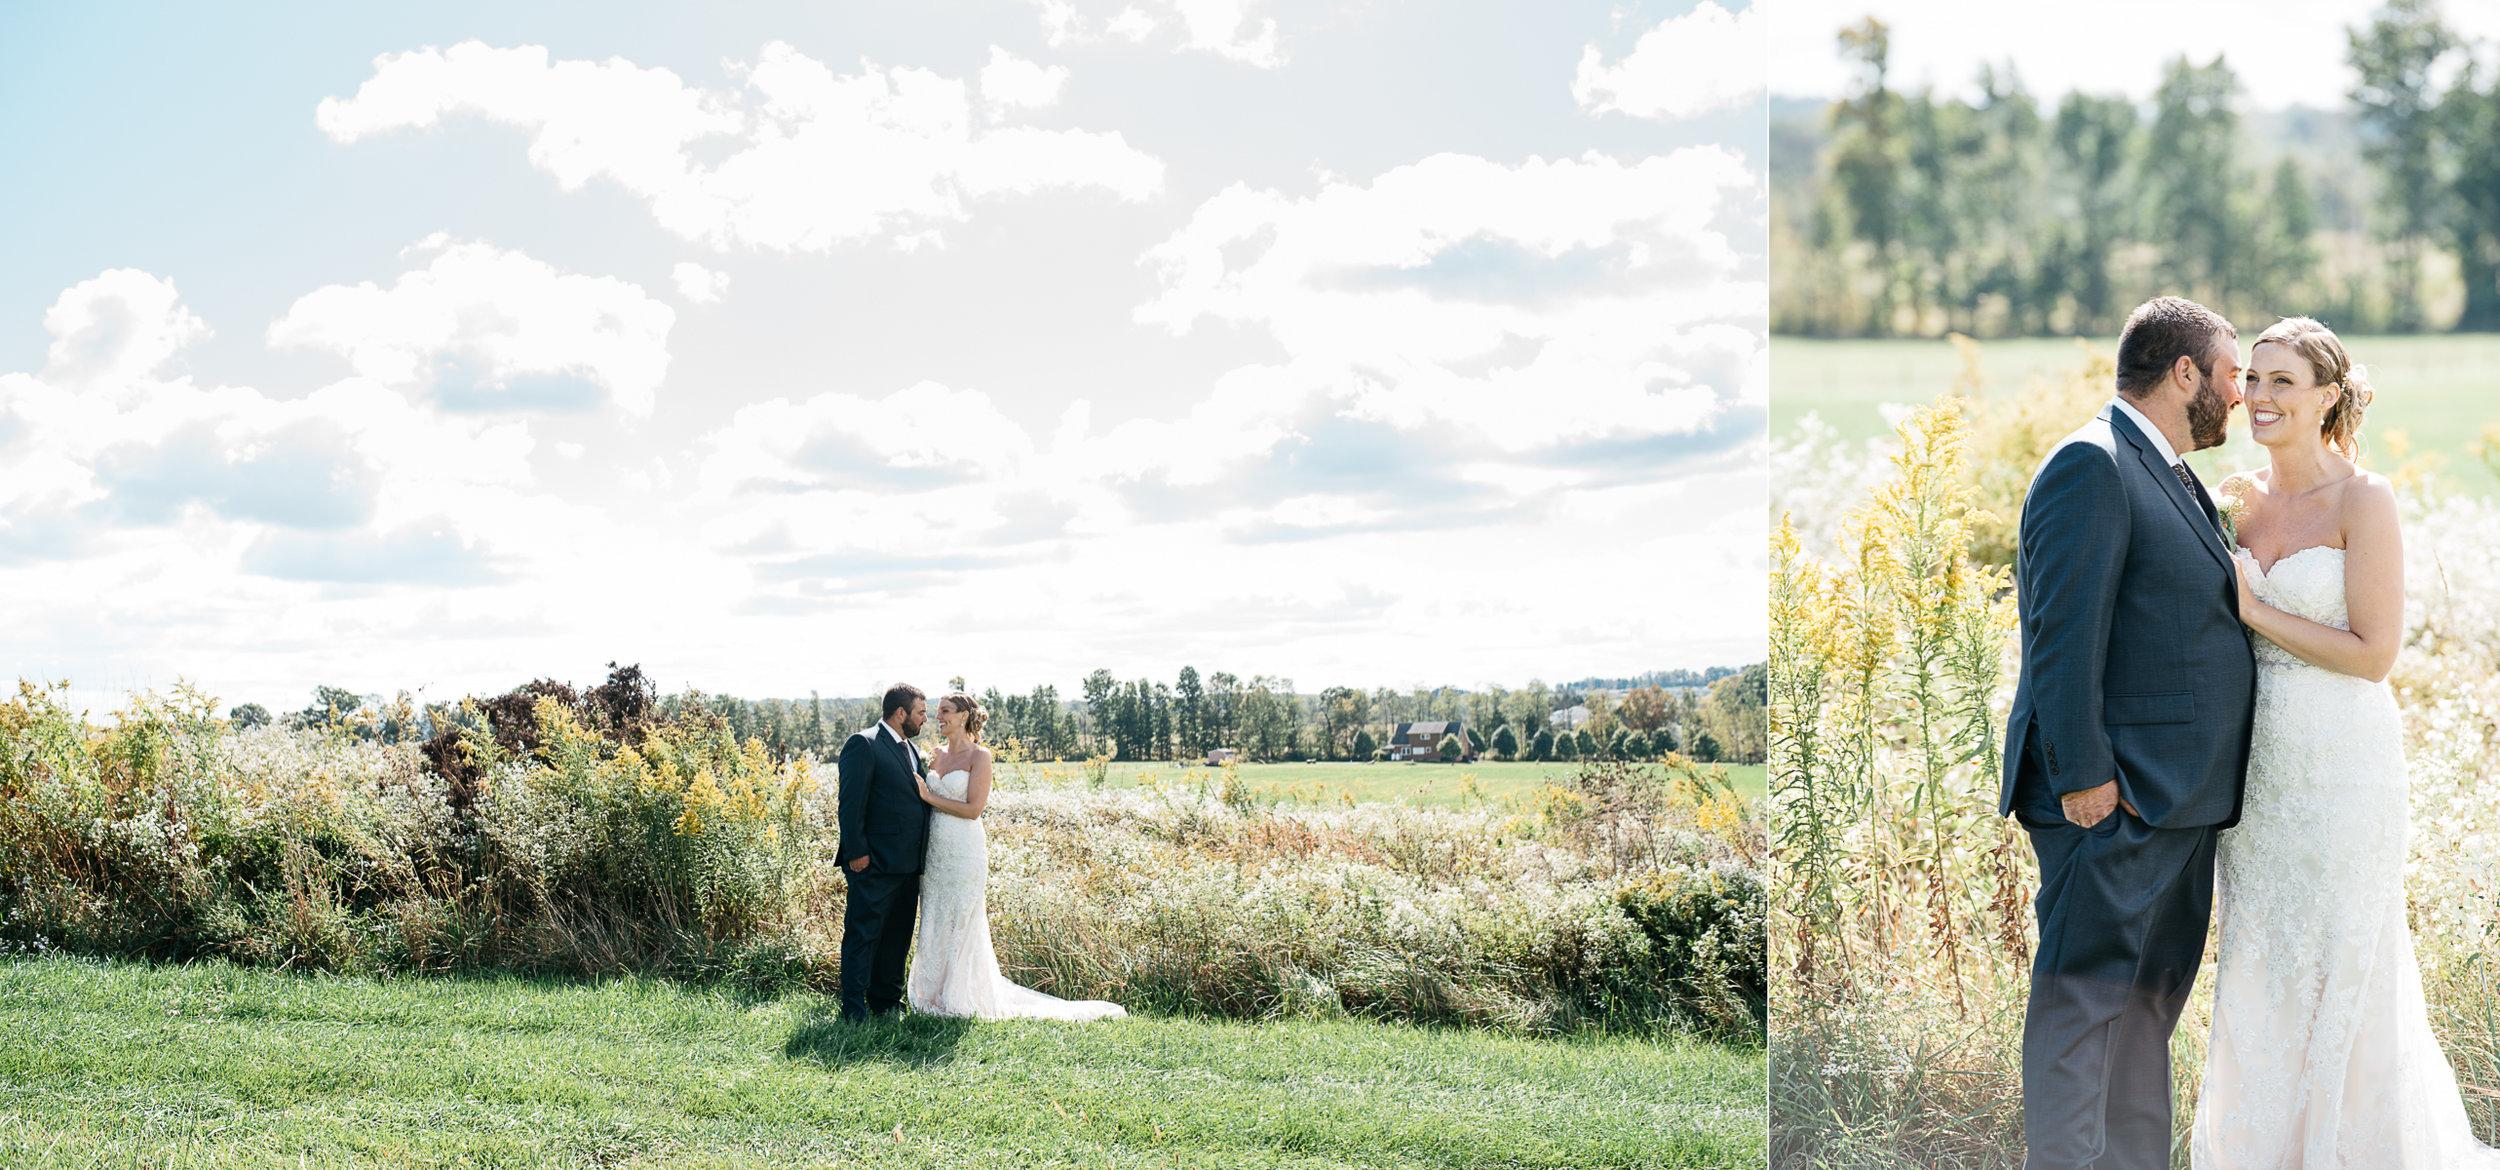 event-barn-at-highland-farms-wedding-photographer.jpg